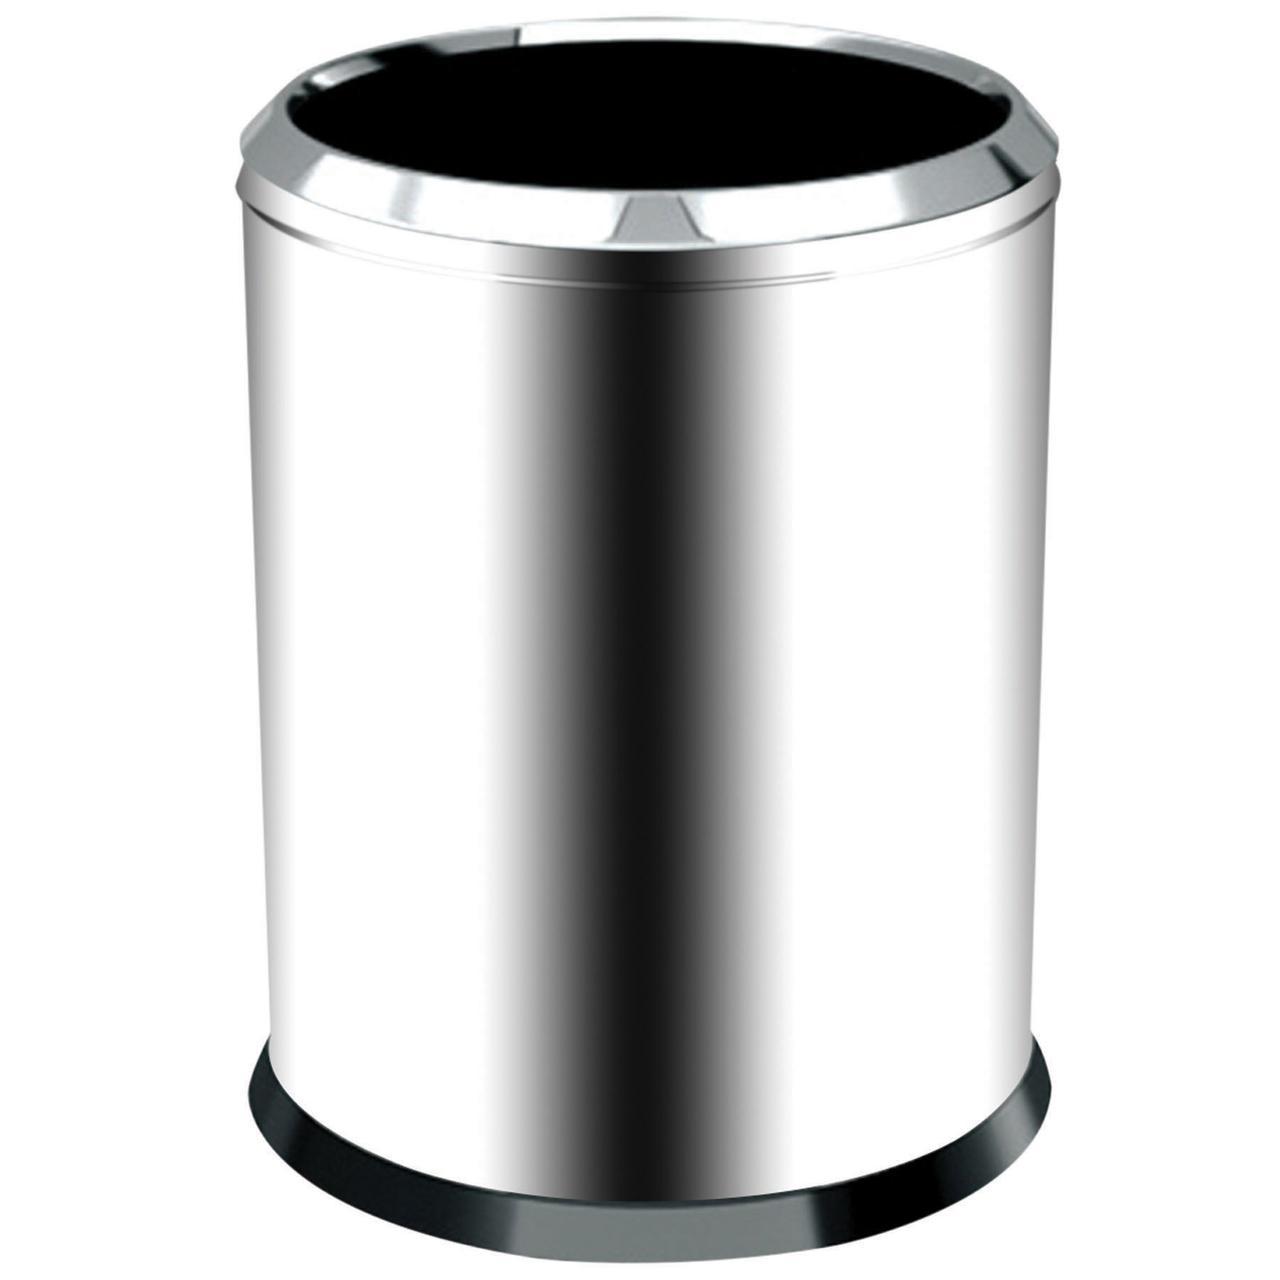 Хромированная мусорная корзина 45 л.